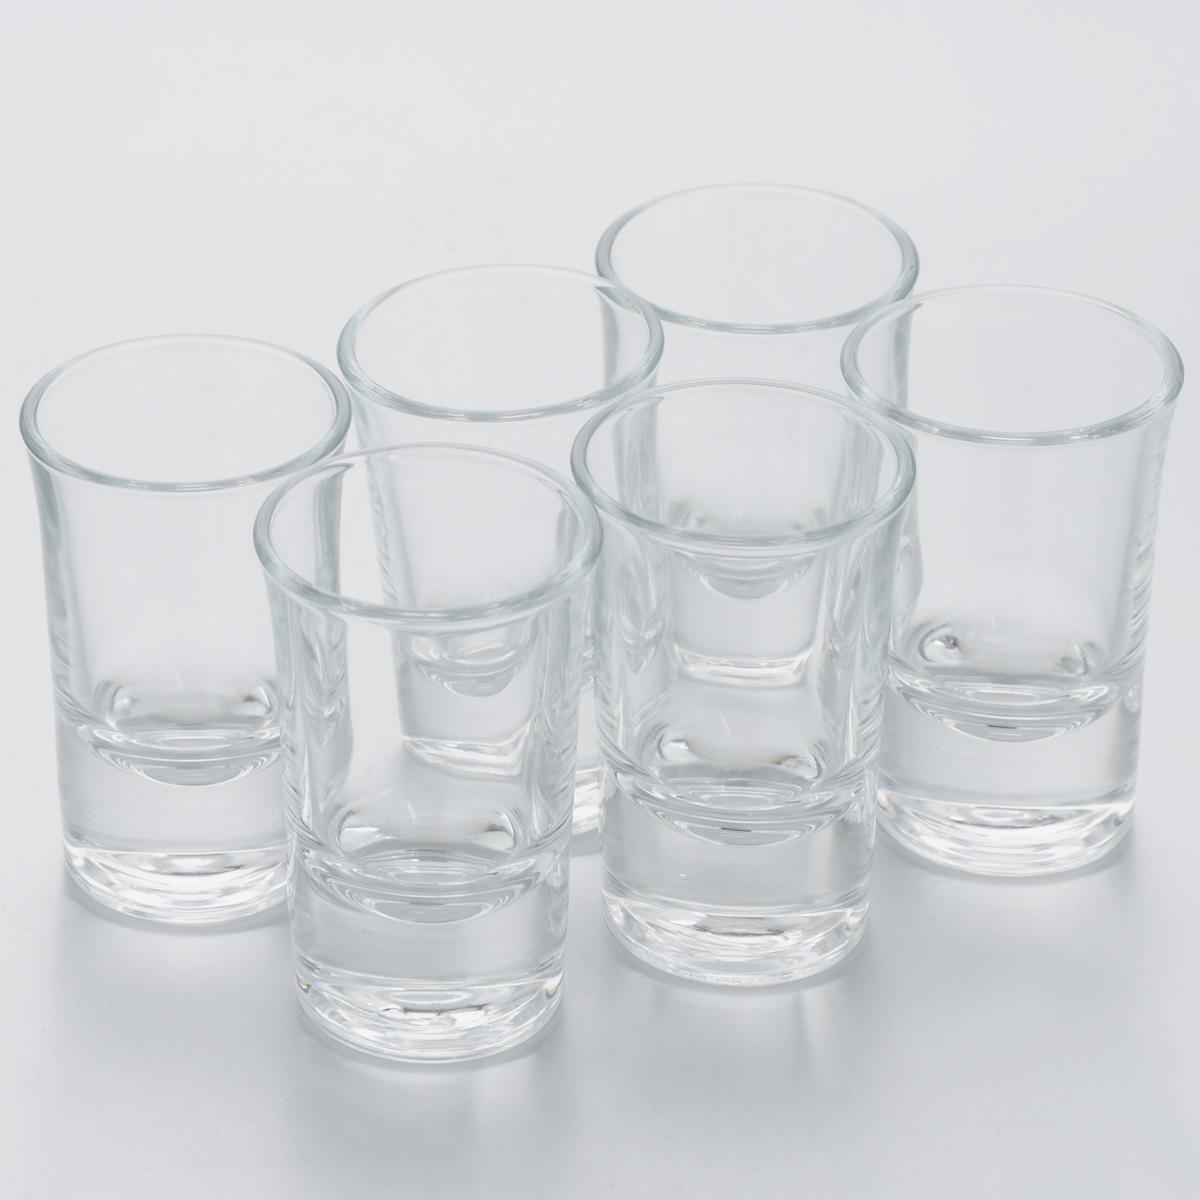 Набор стопок Pasabahce Boston Shots, 40 мл, 6 шт52174BНабор Pasabahce Boston Shots, выполненный из прочного натрий-кальций-силикатного стекла, состоит из шести стопок. Стопки, оснащенные утолщенным дном, прекрасно подойдут для подачи водки или ликера. Эстетичность, функциональность и изящный дизайн сделают набор достойным дополнением к вашему кухонному инвентарю. Набор стопок Pasabahce Boston Shots украсит ваш стол и станет отличным подарком к любому празднику. Можно использовать в микроволновой печи и мыть в посудомоечной машине. Диаметр стопки по верхнему краю: 4 см. Высота стопки: 7 см.